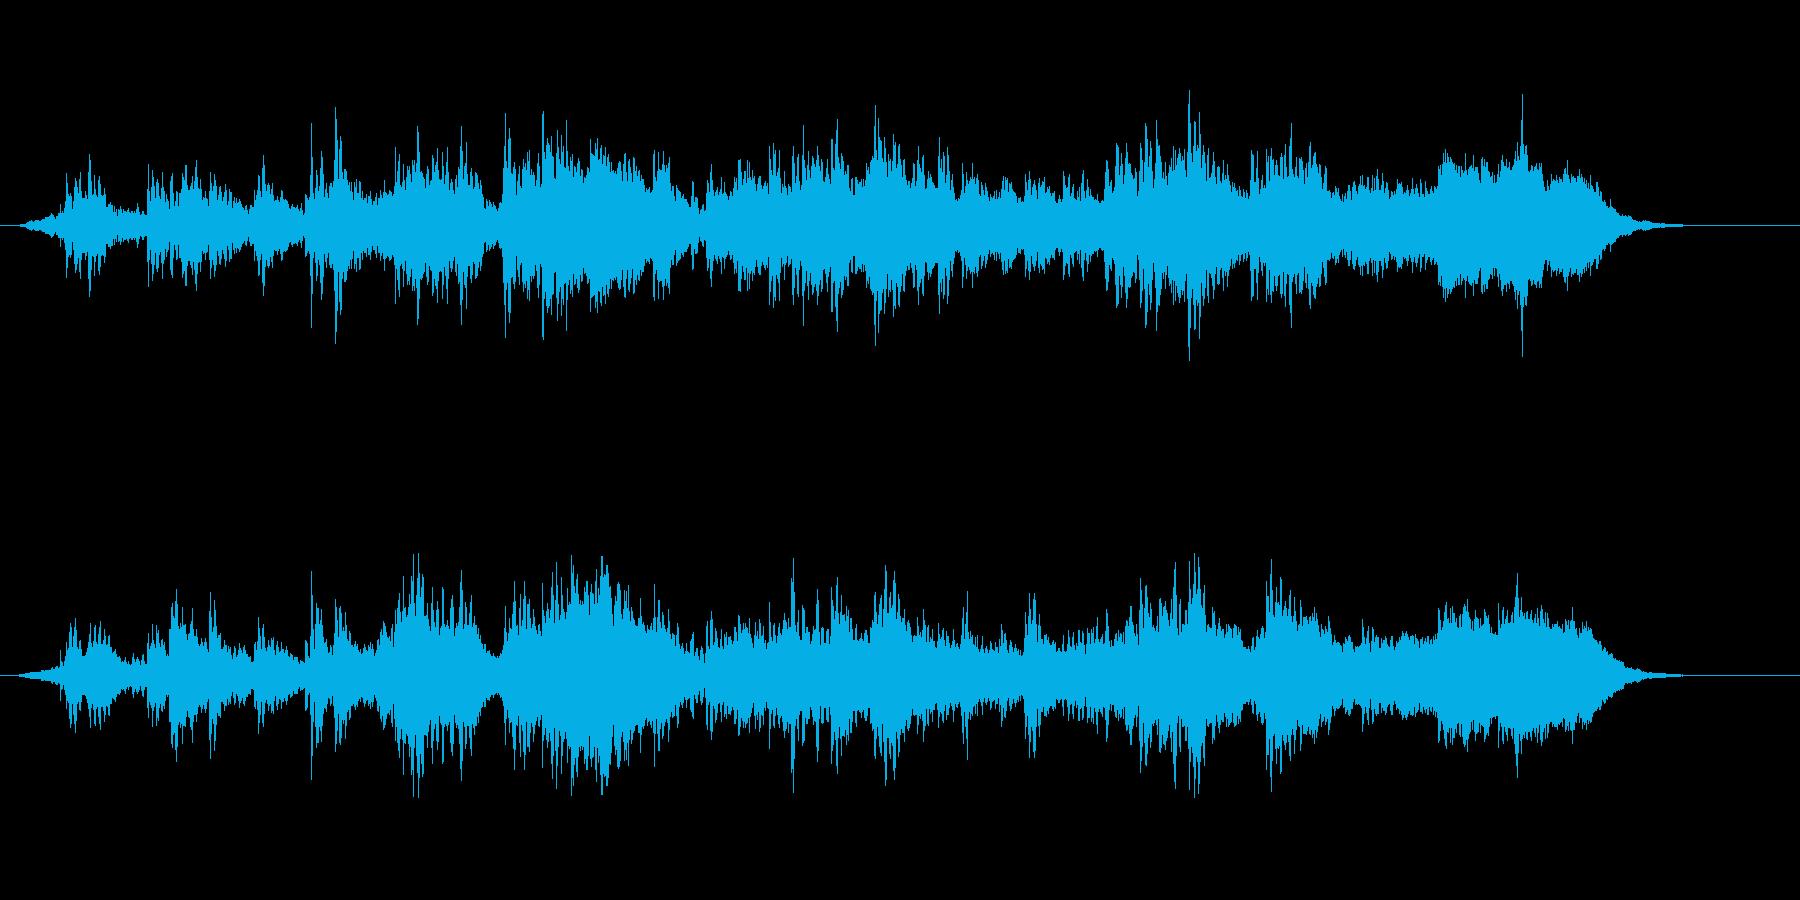 環境音楽(サイエンス・タッチ)の再生済みの波形